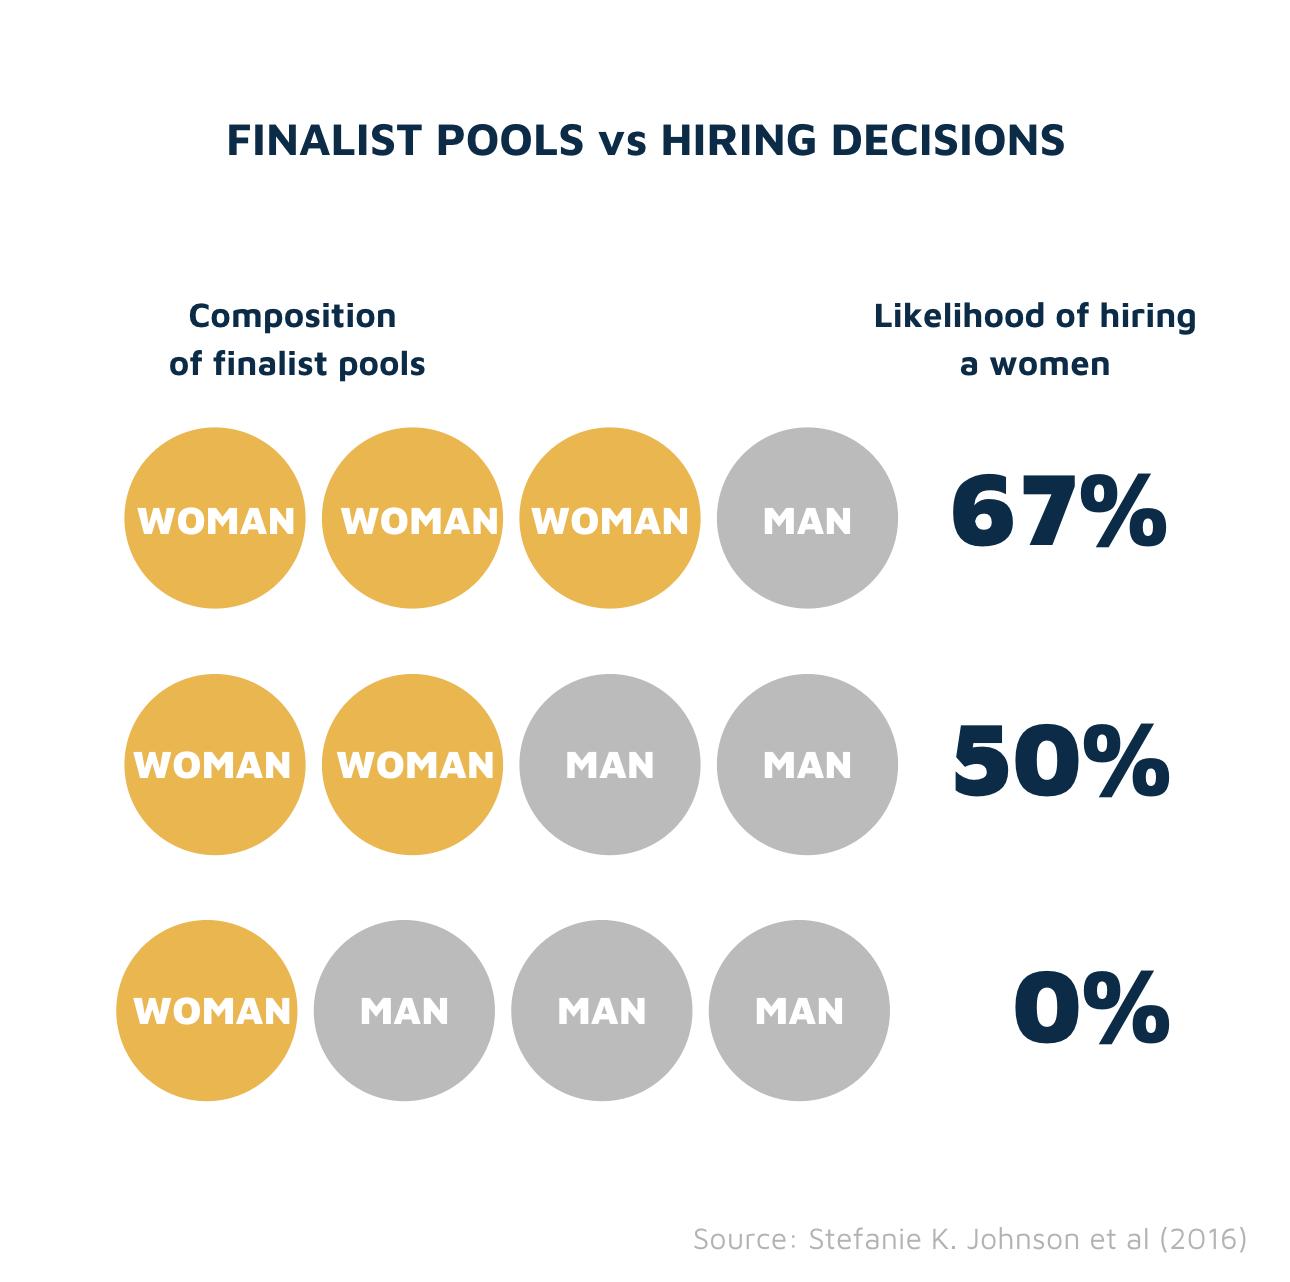 Gender breakdown of finalist pool vs diversity of hires